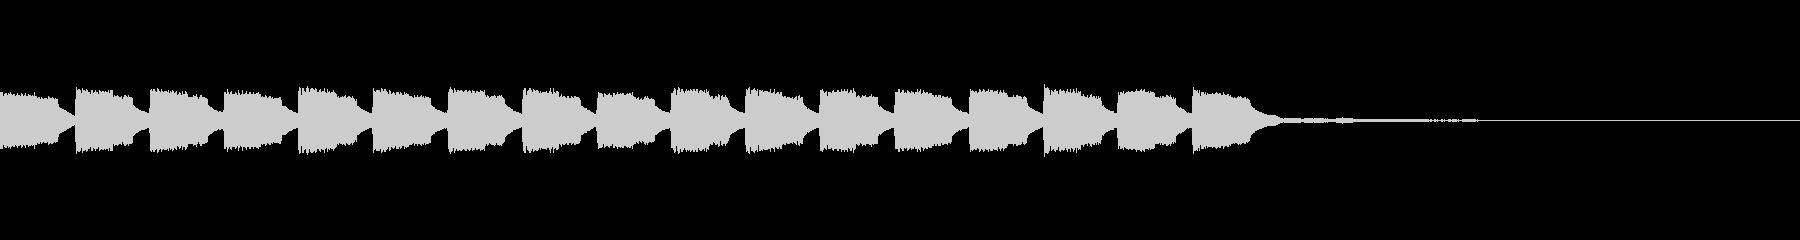 ピピピピ!ゲージ・スコアカウント音の未再生の波形